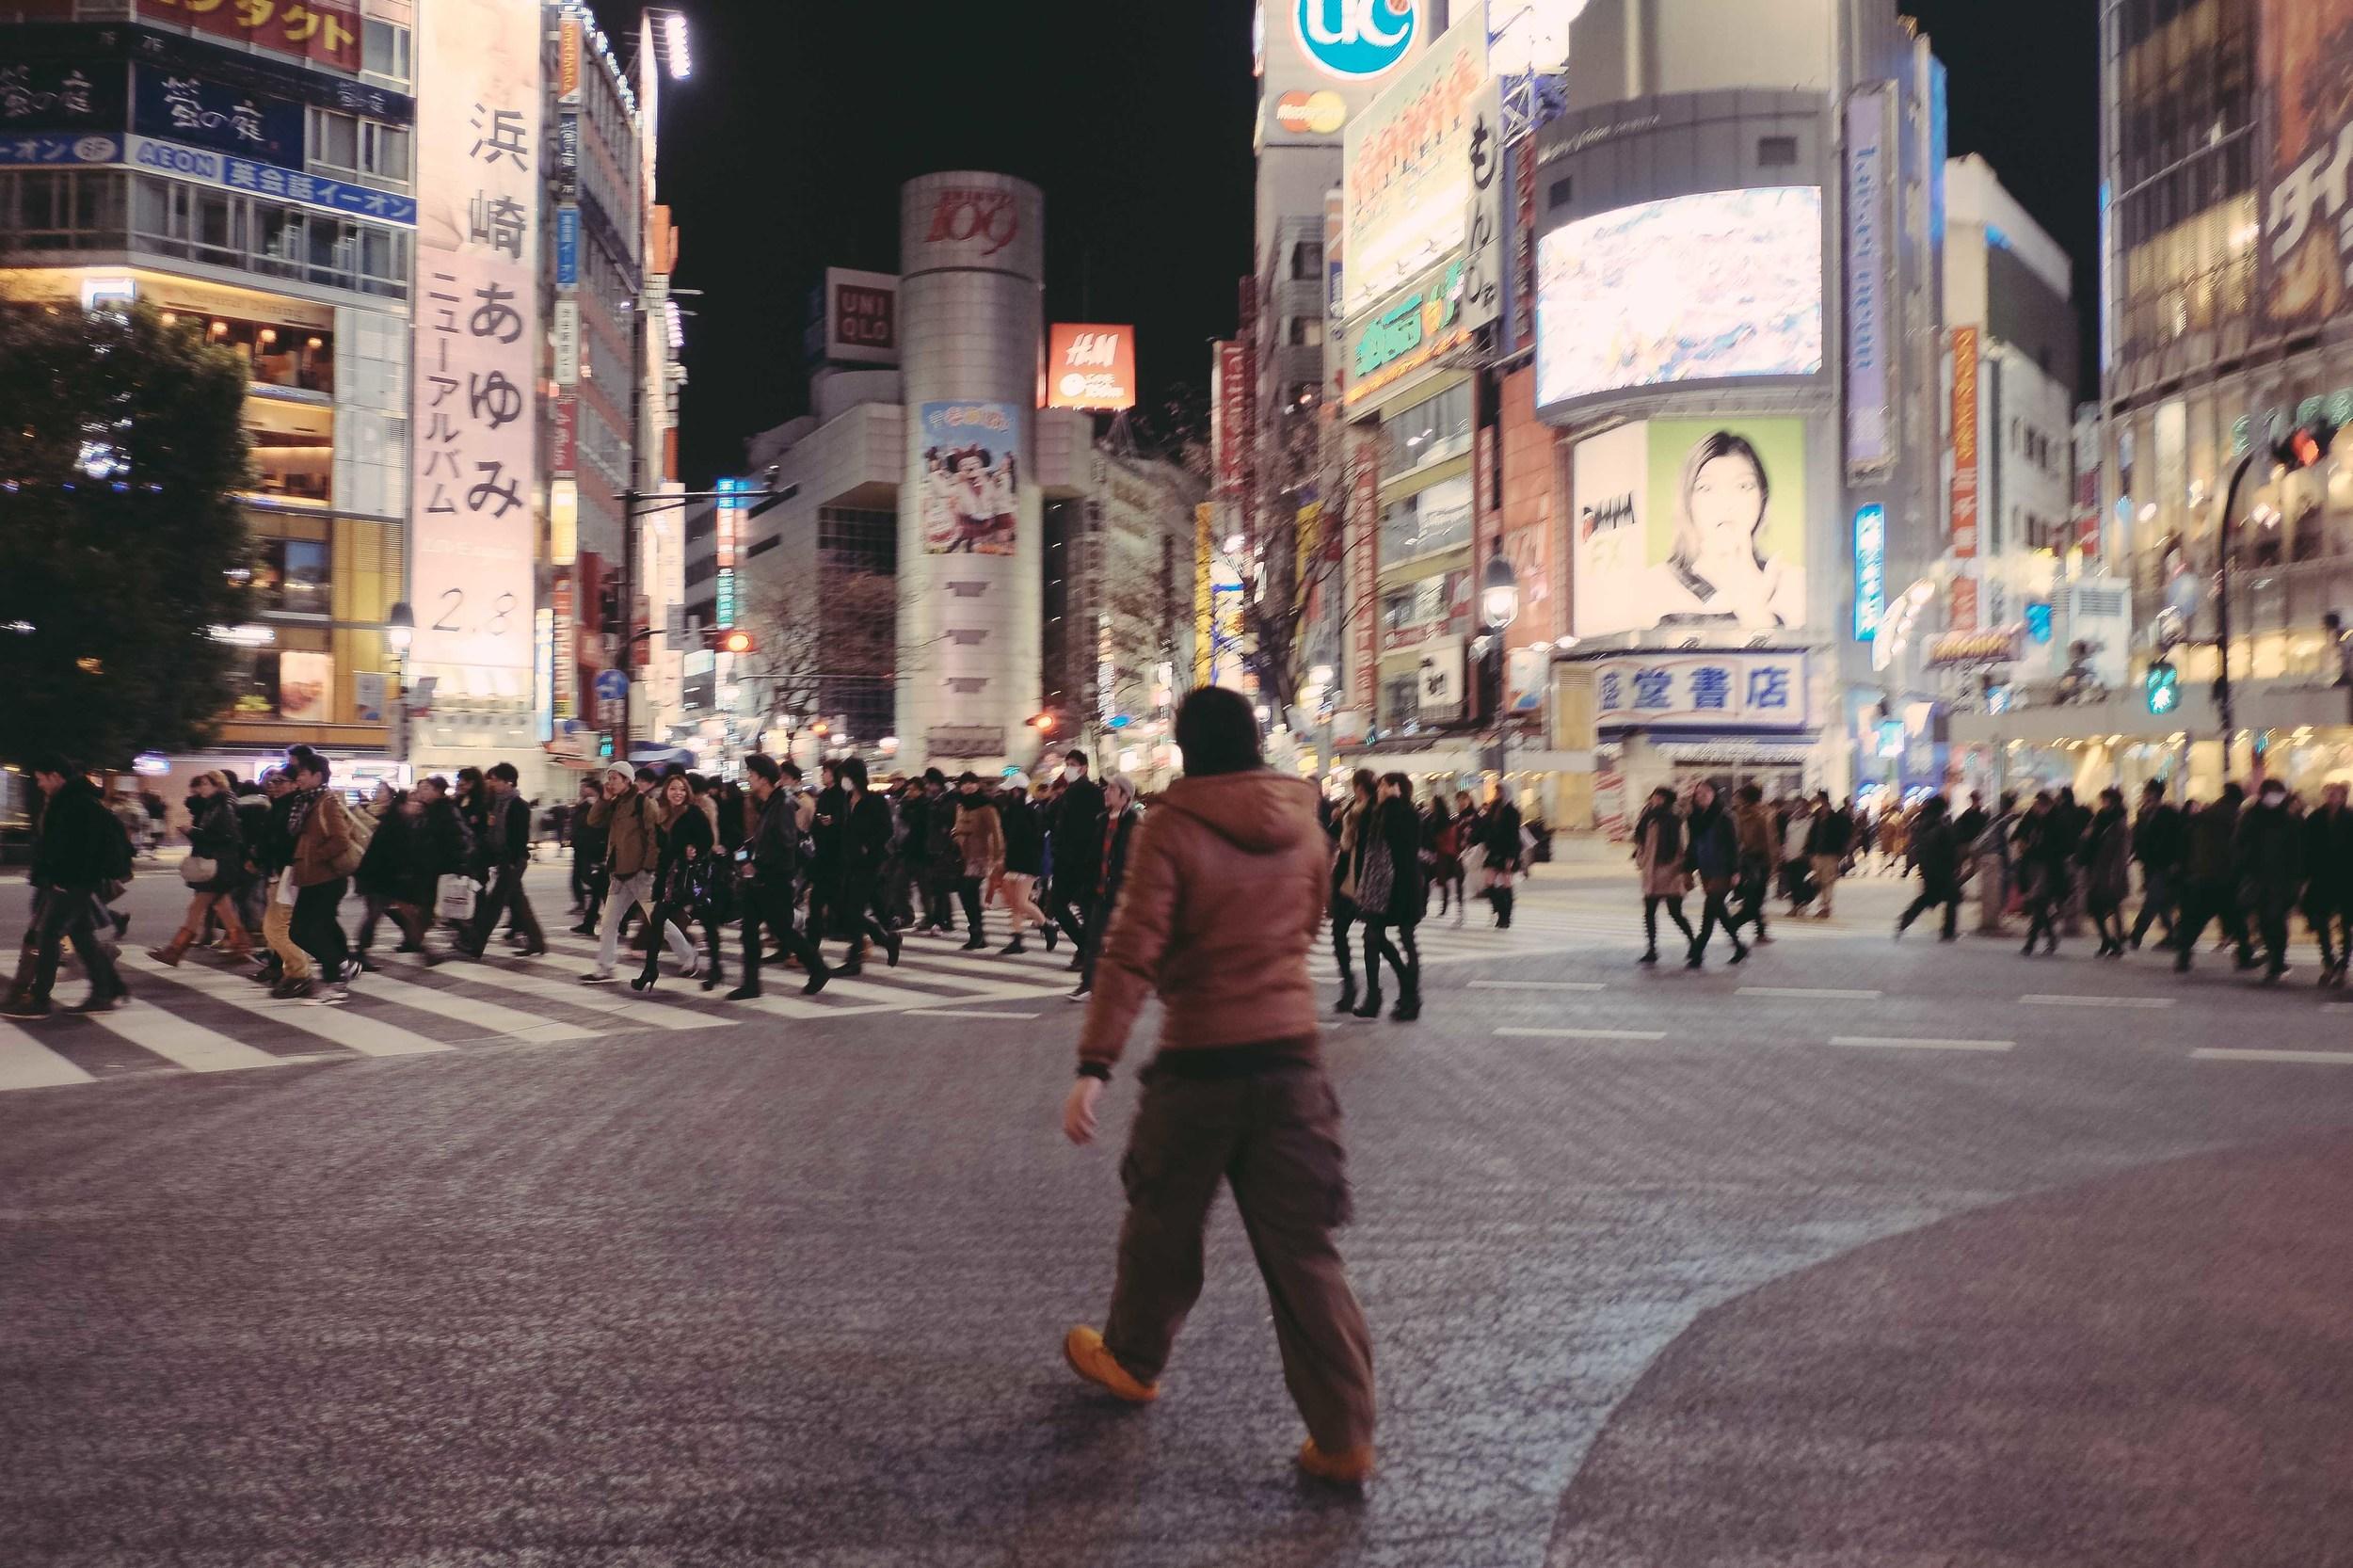 Shibuyacrossing-1.jpg